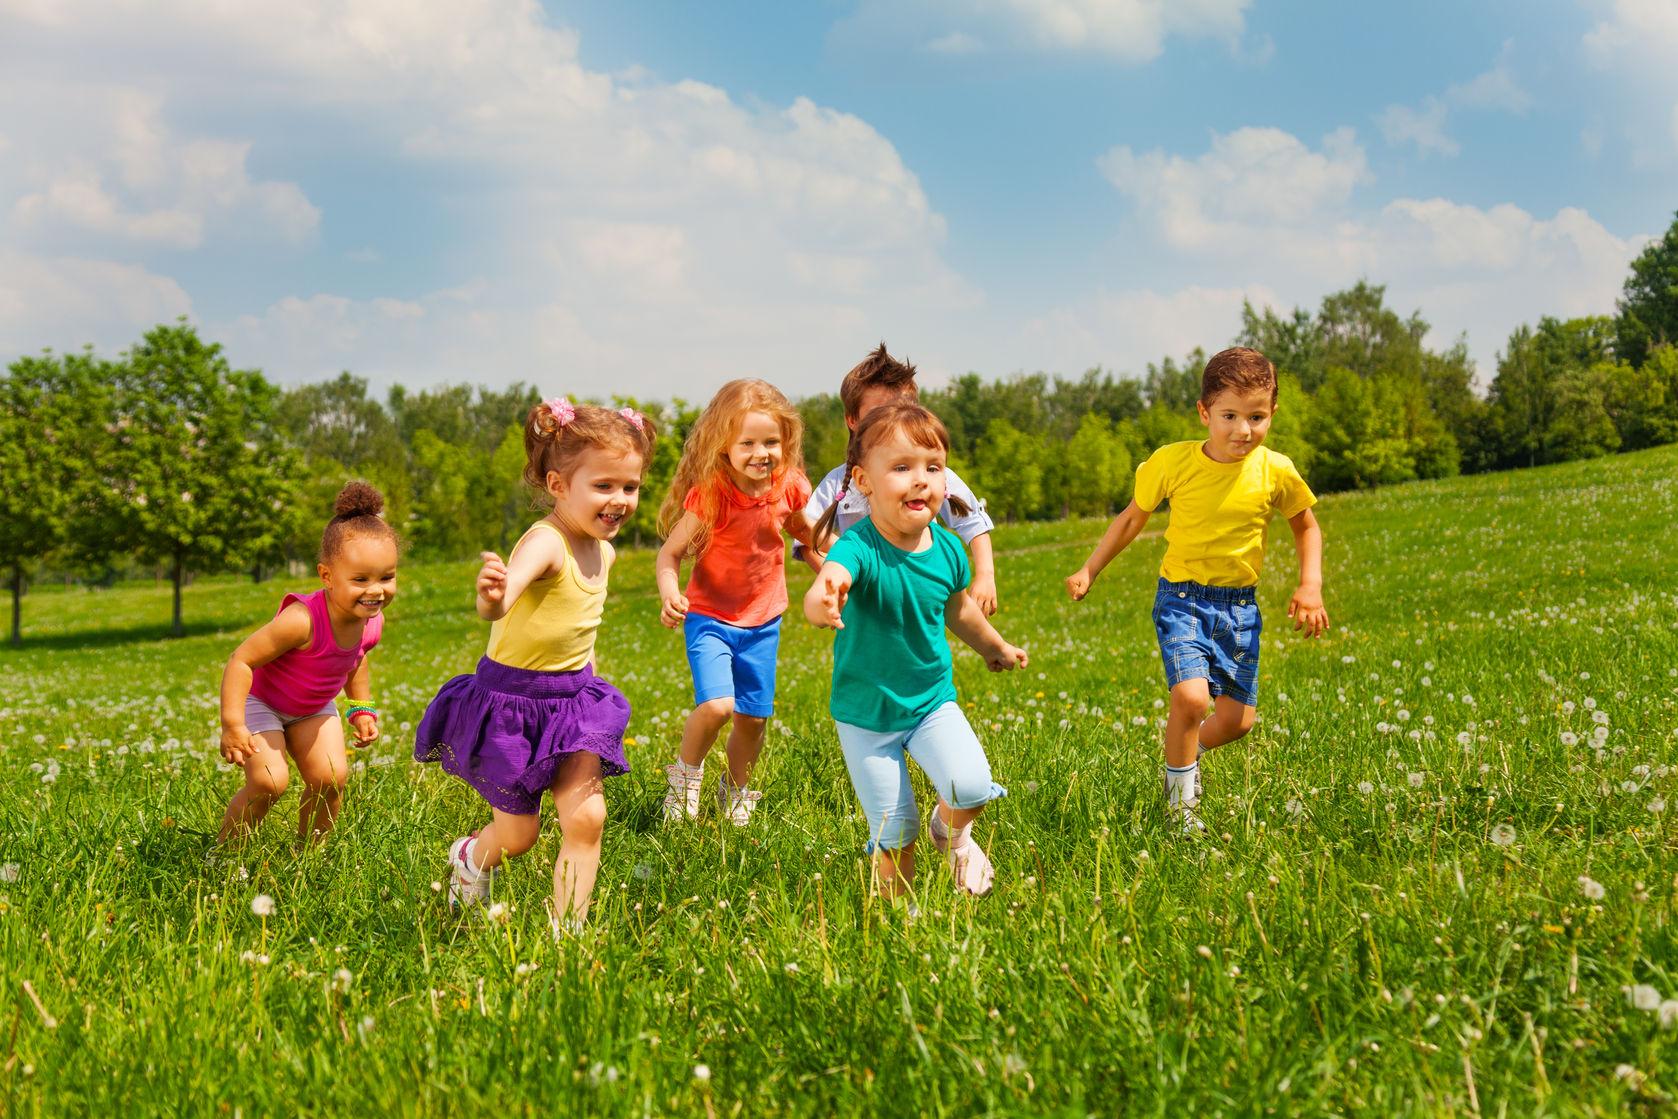 Фото счастливых детей в саду